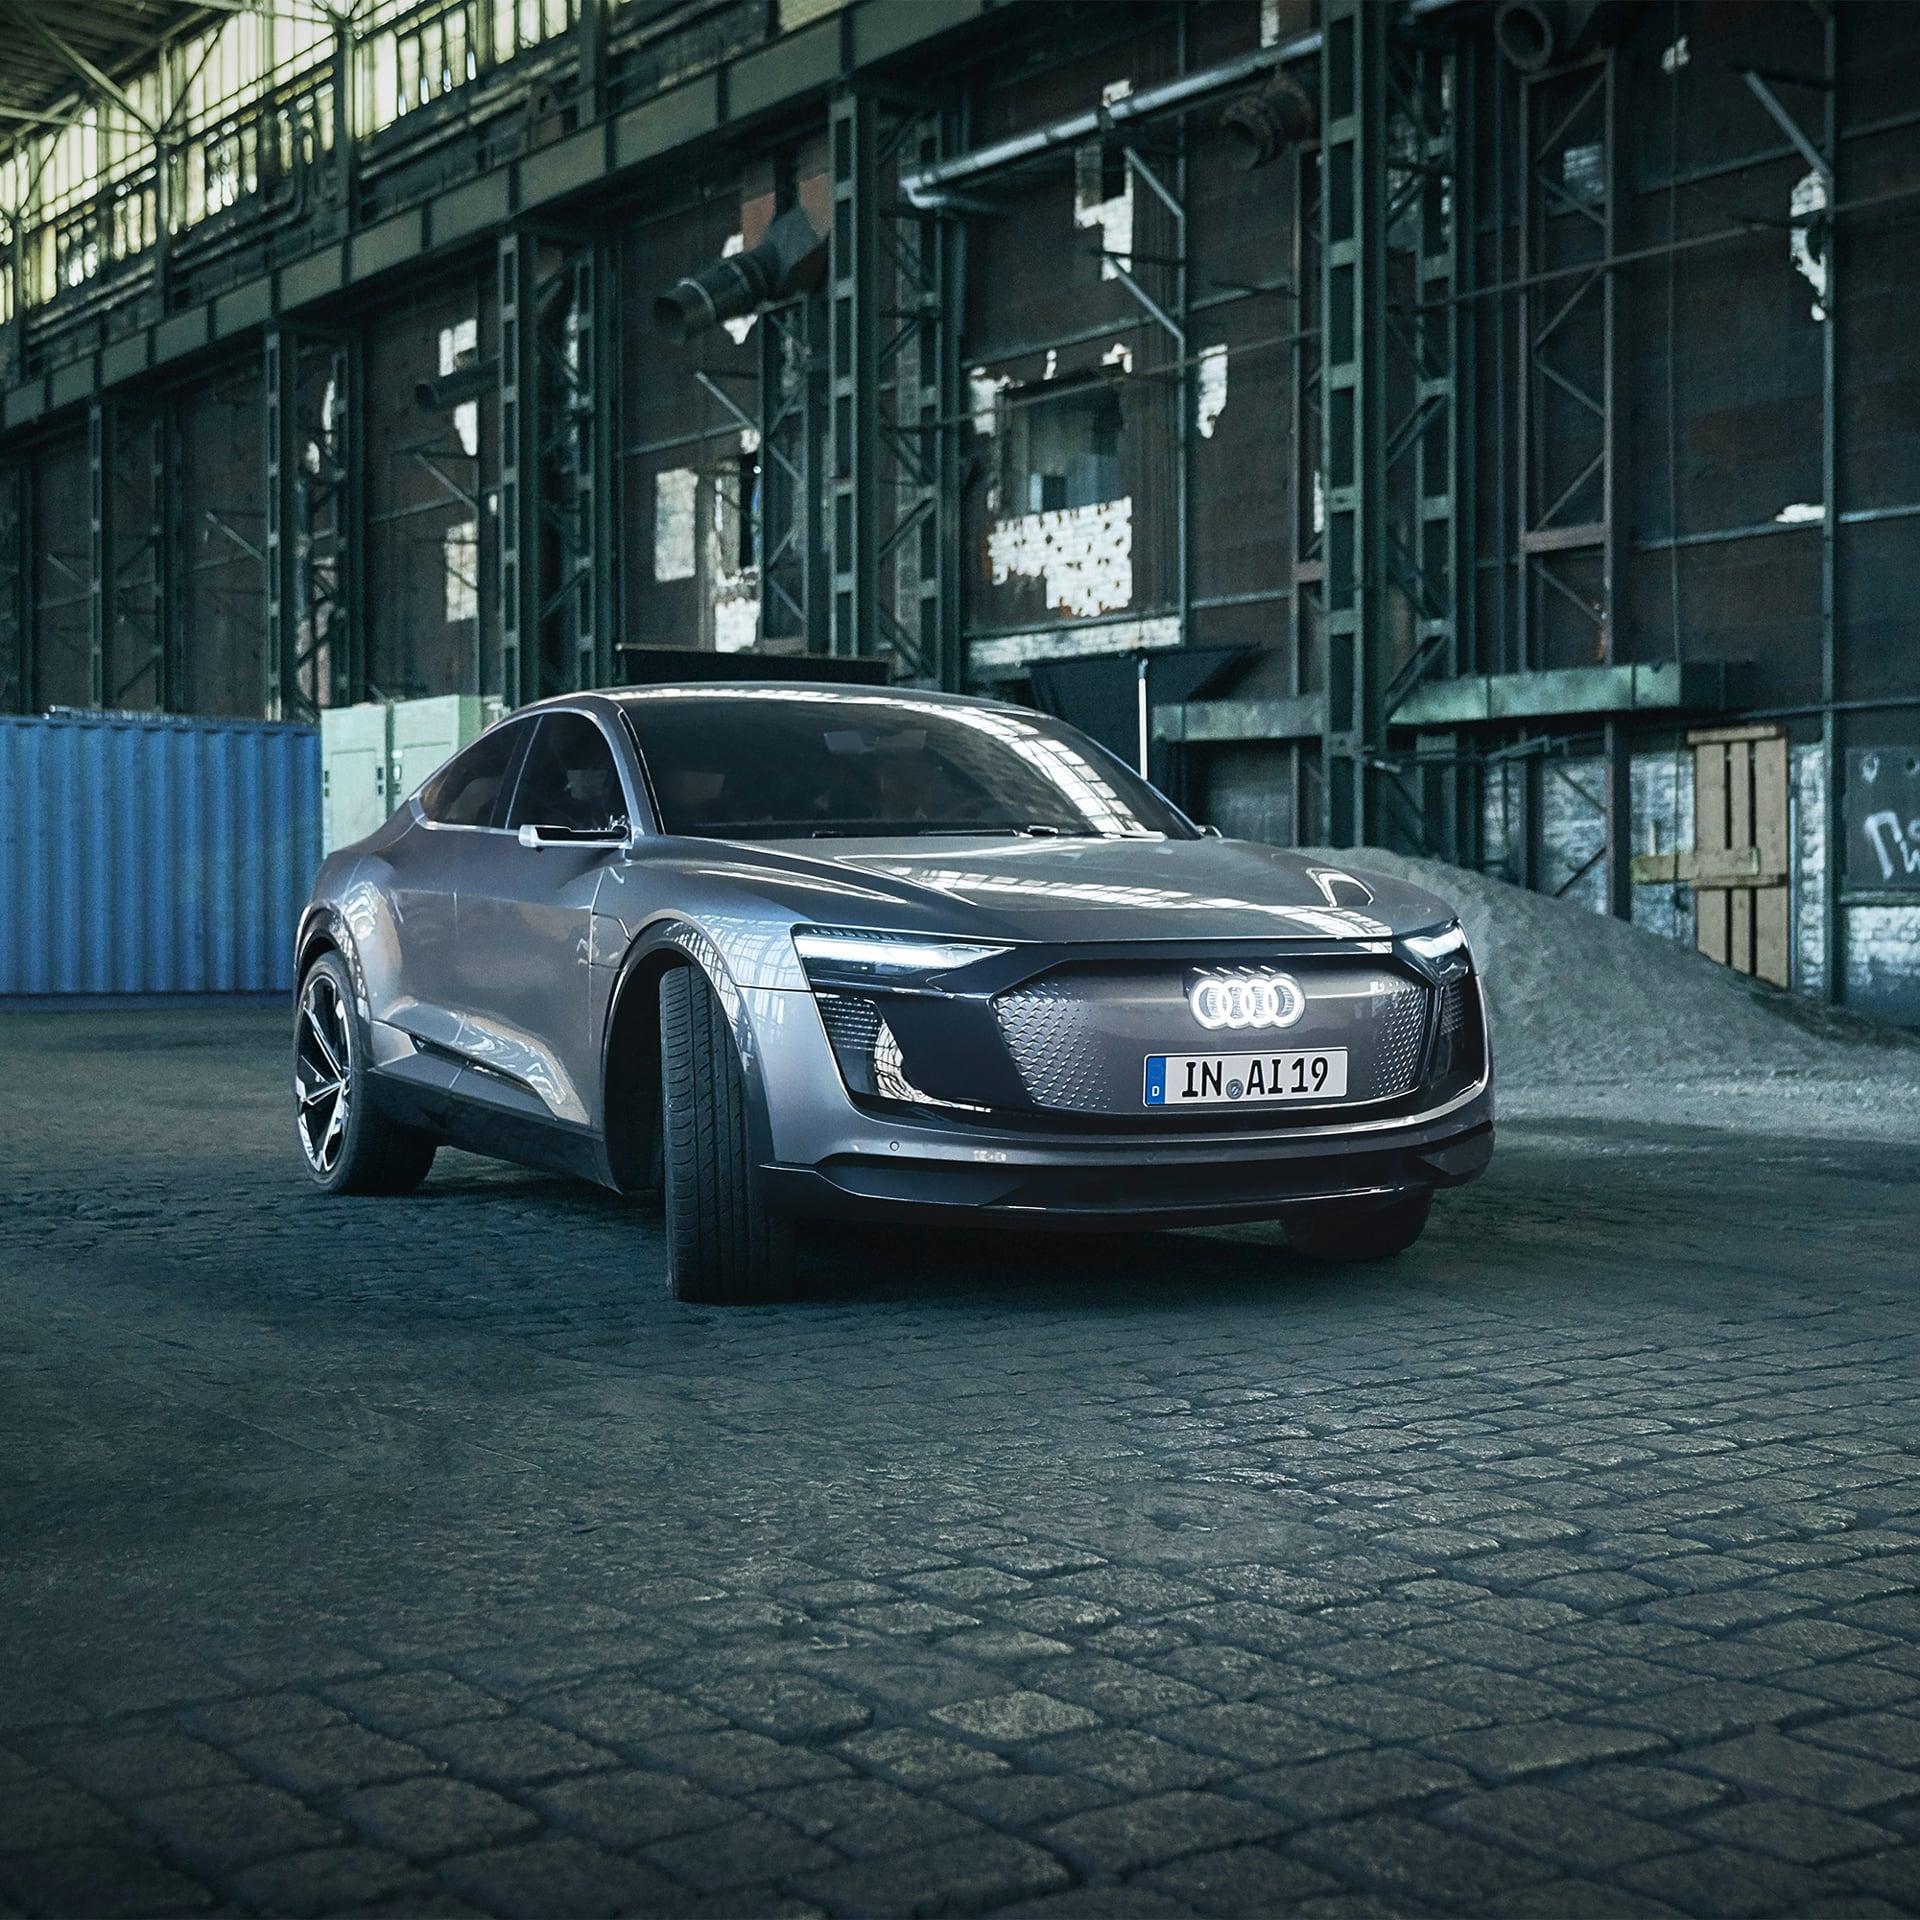 Aperçu > E-tron > Audi Belgique